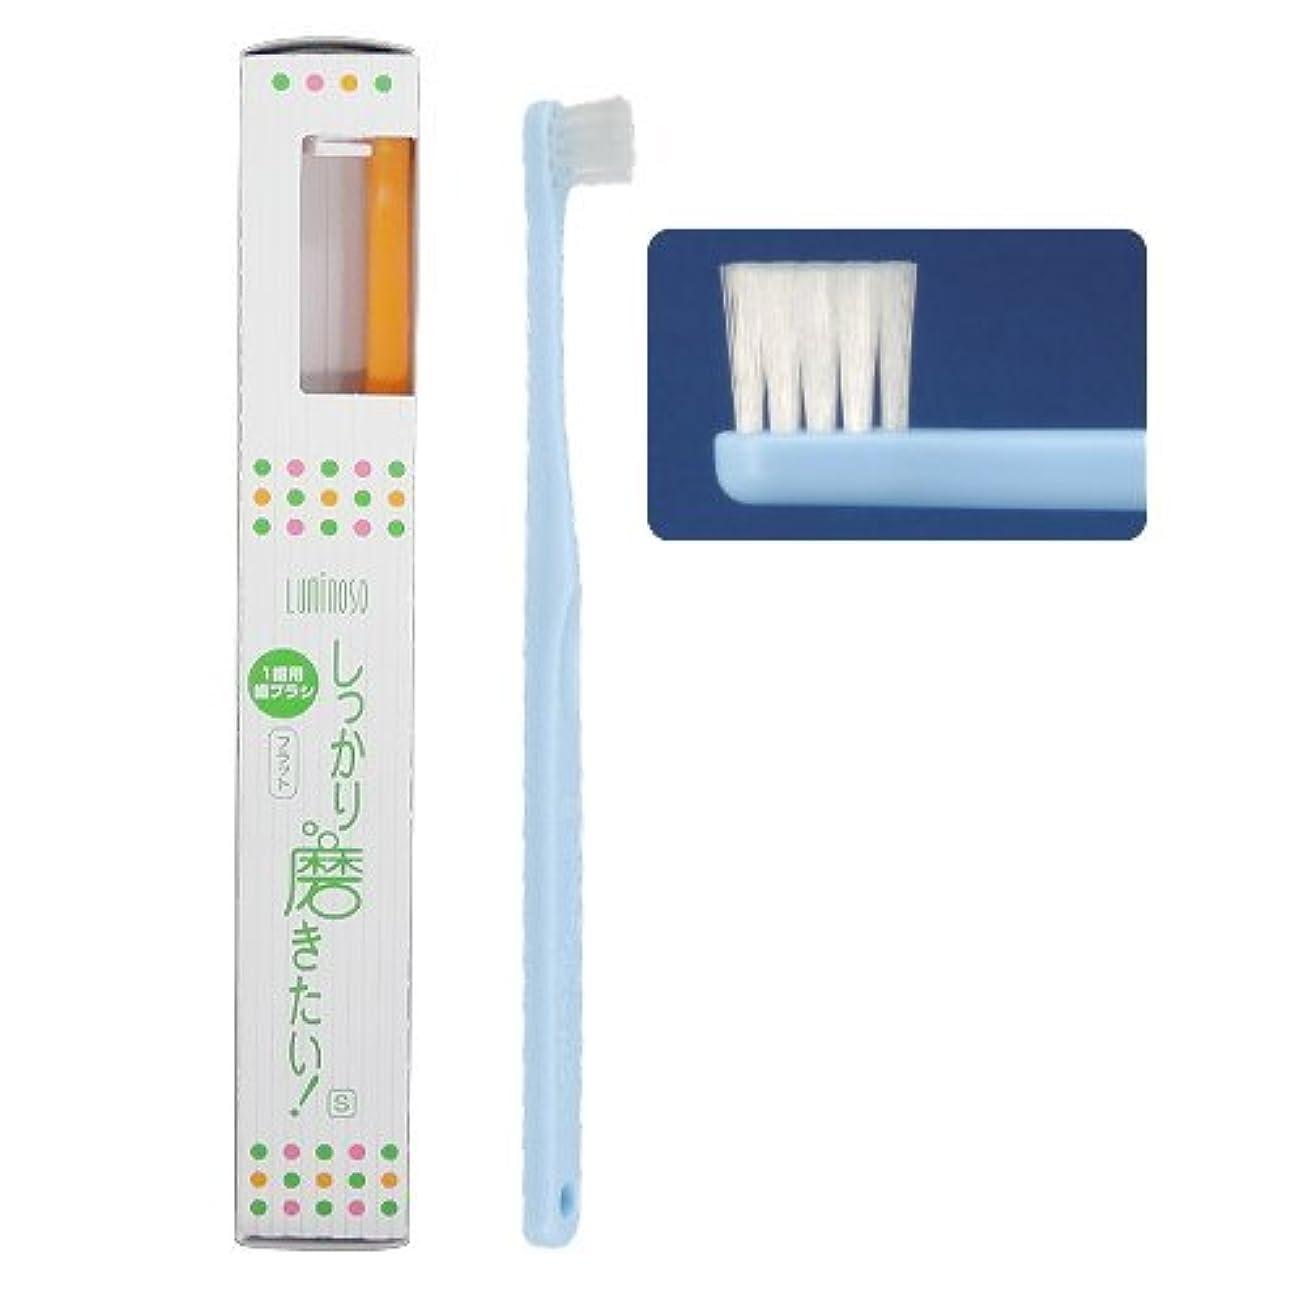 前方へ政治家欠席ルミノソ 1歯用歯ブラシ 「しっかり磨きたい!」 フラット ソフト (カラー指定不可) 5本